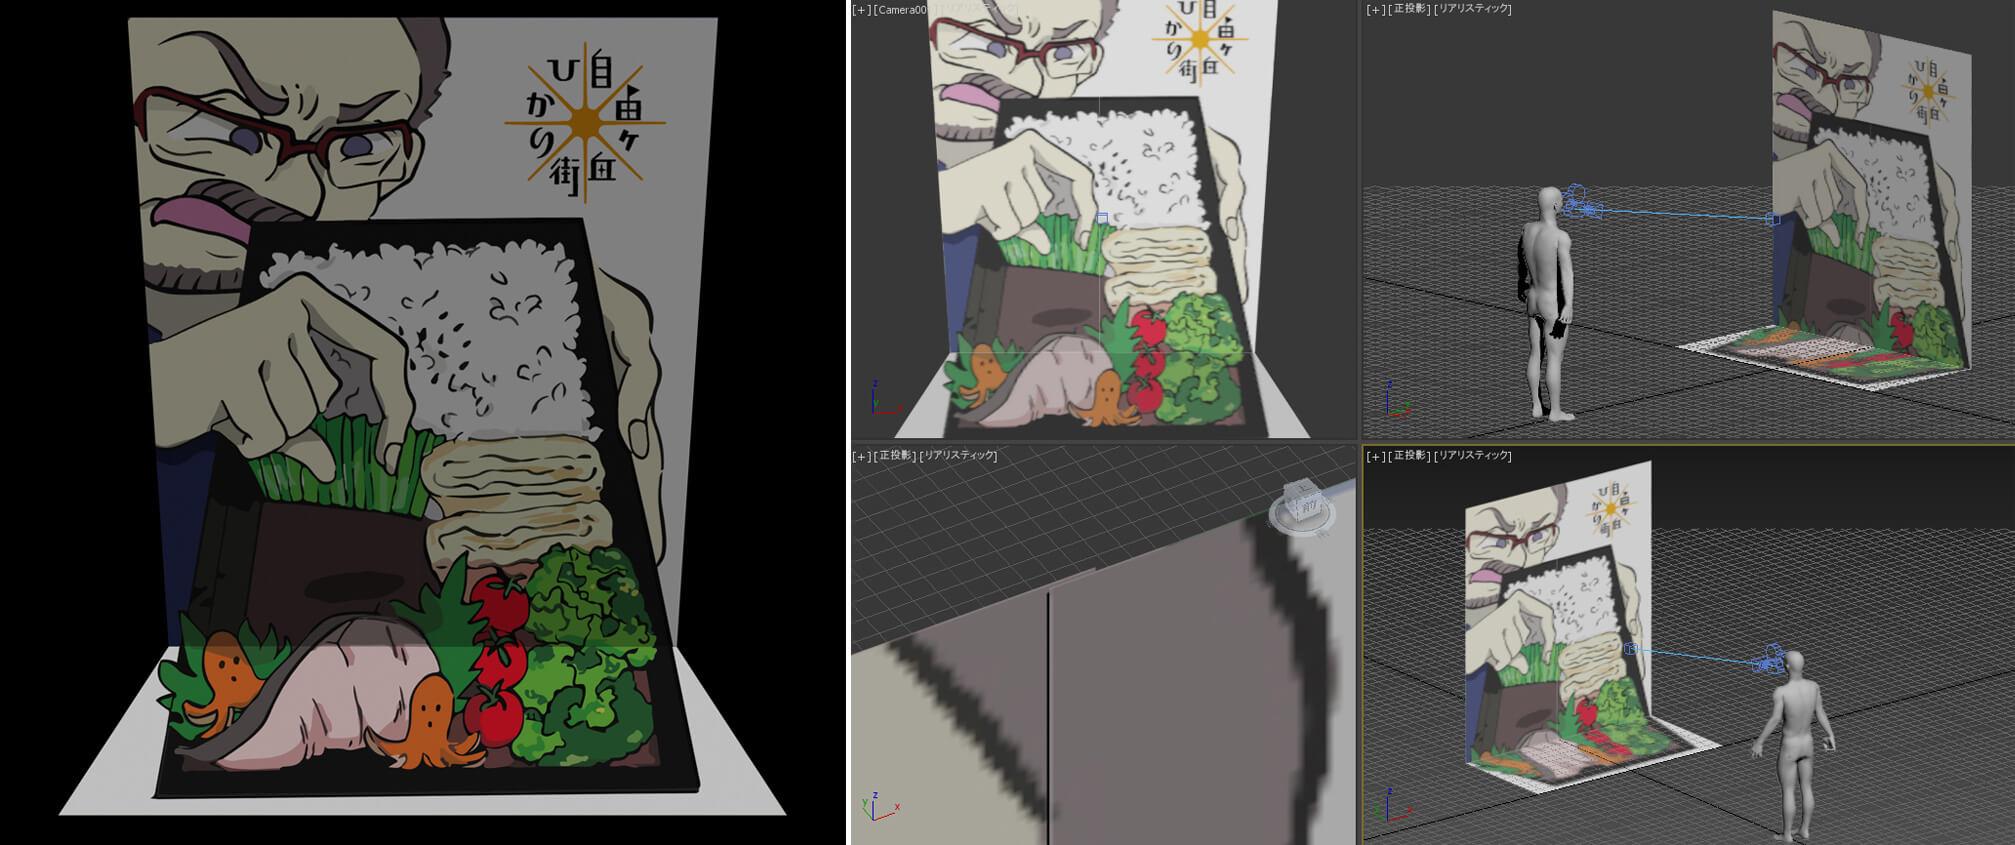 トリック3Dアートは3Dソフトを使用してパソコン上でシミュレーション